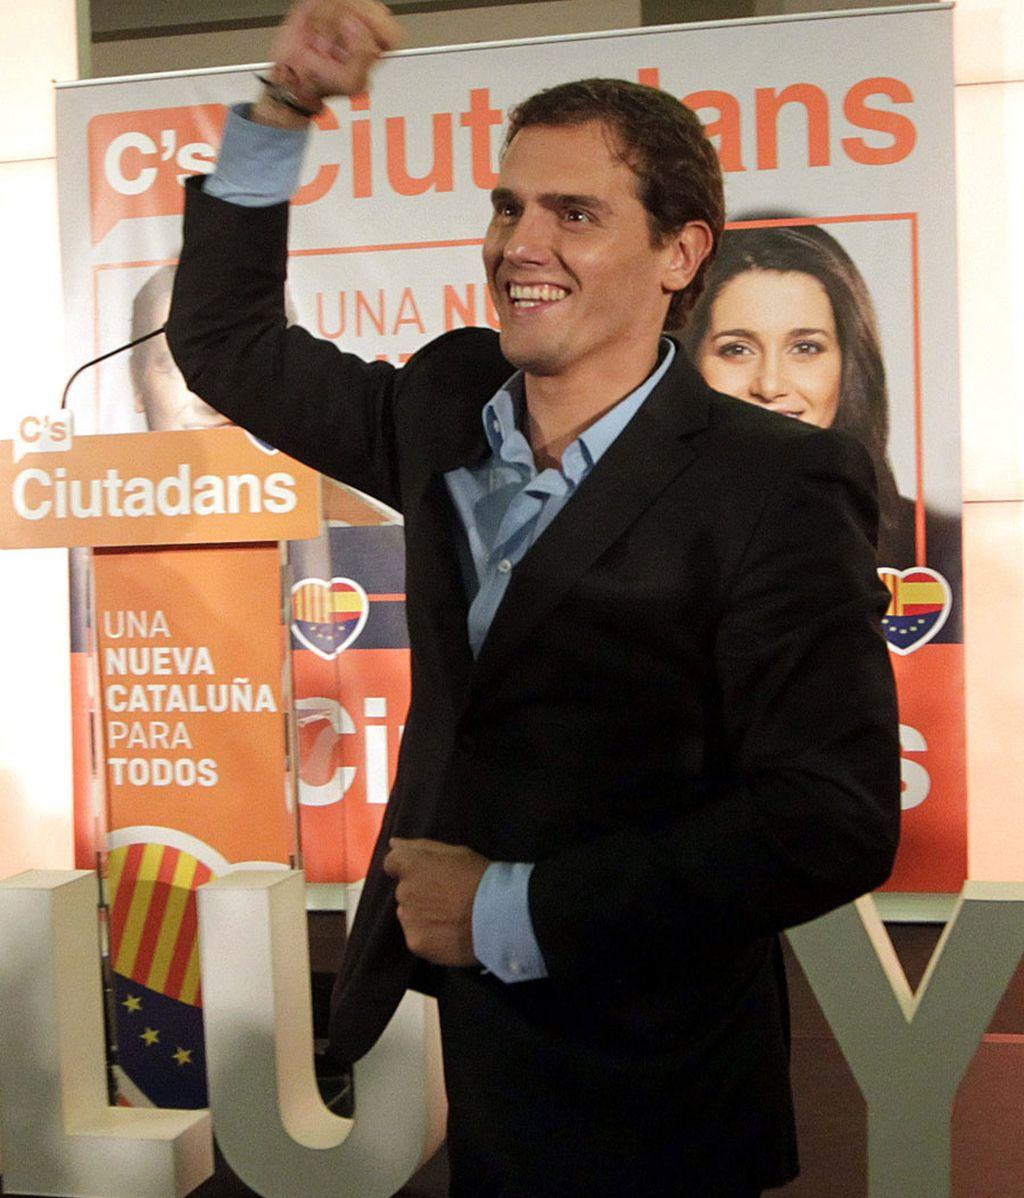 Rivera, celebra los resultados de Ciudadanos en las elecciones del 27S